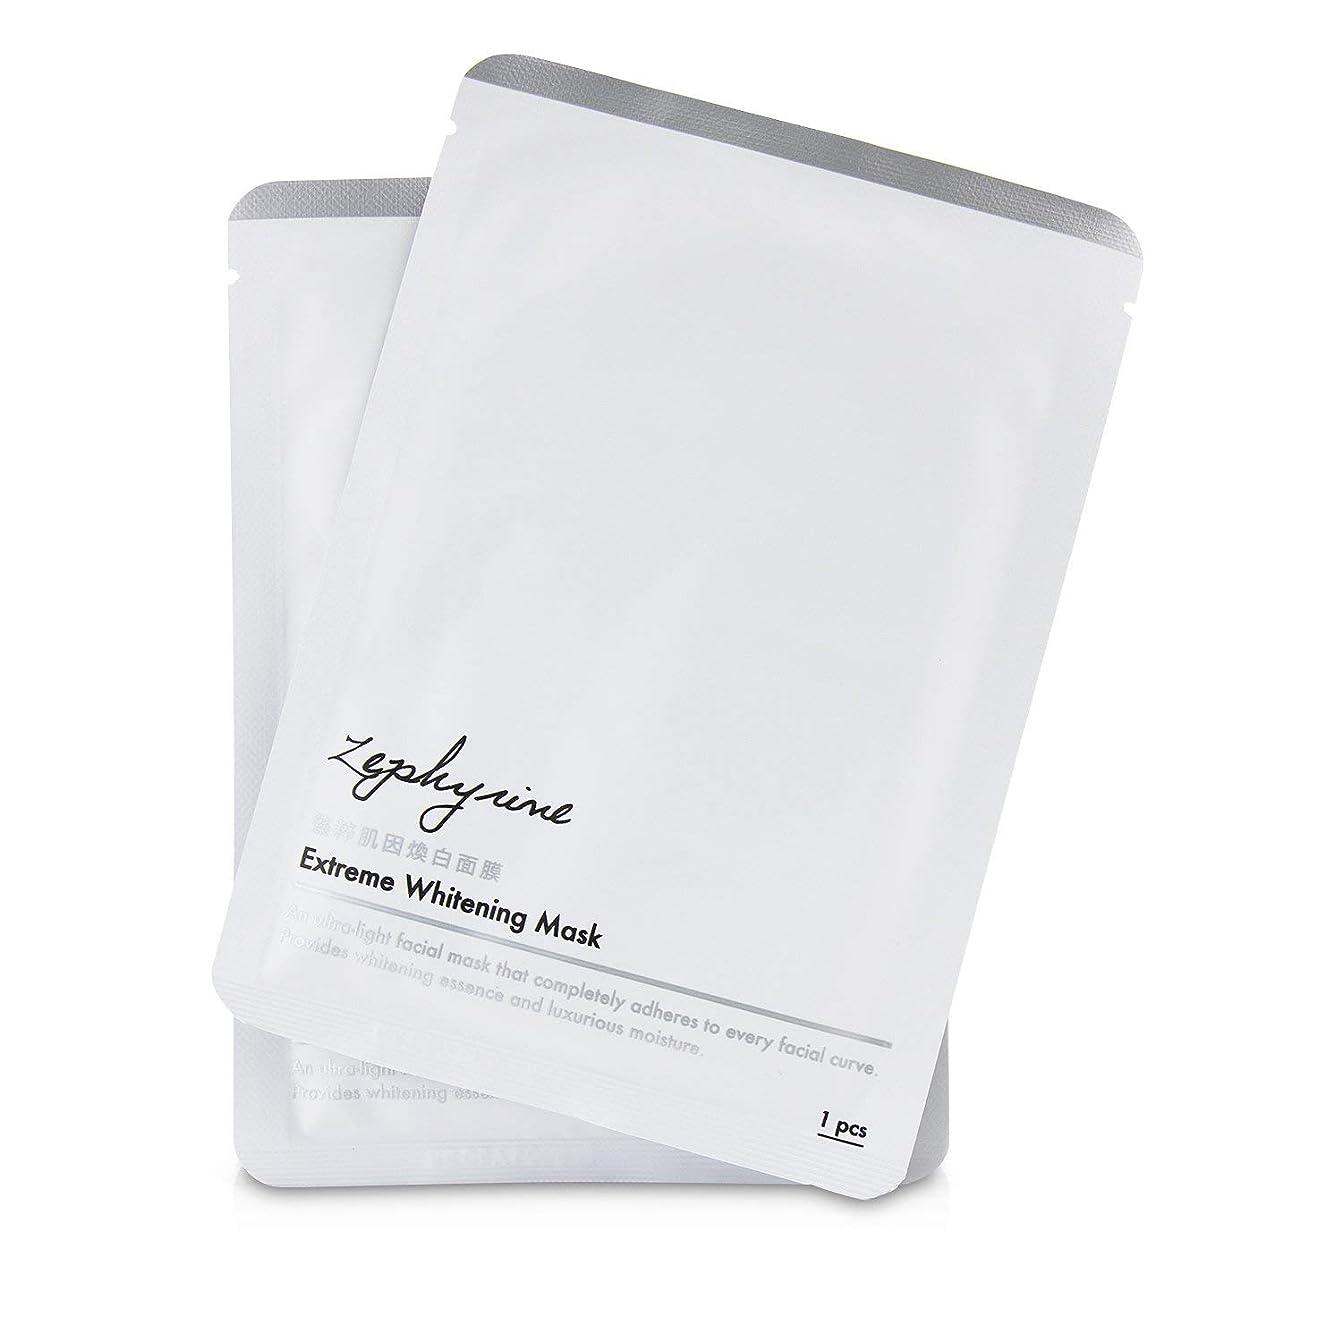 スティック啓示ターミナルZephyrine Extreme Whitening Mask 3pcs並行輸入品